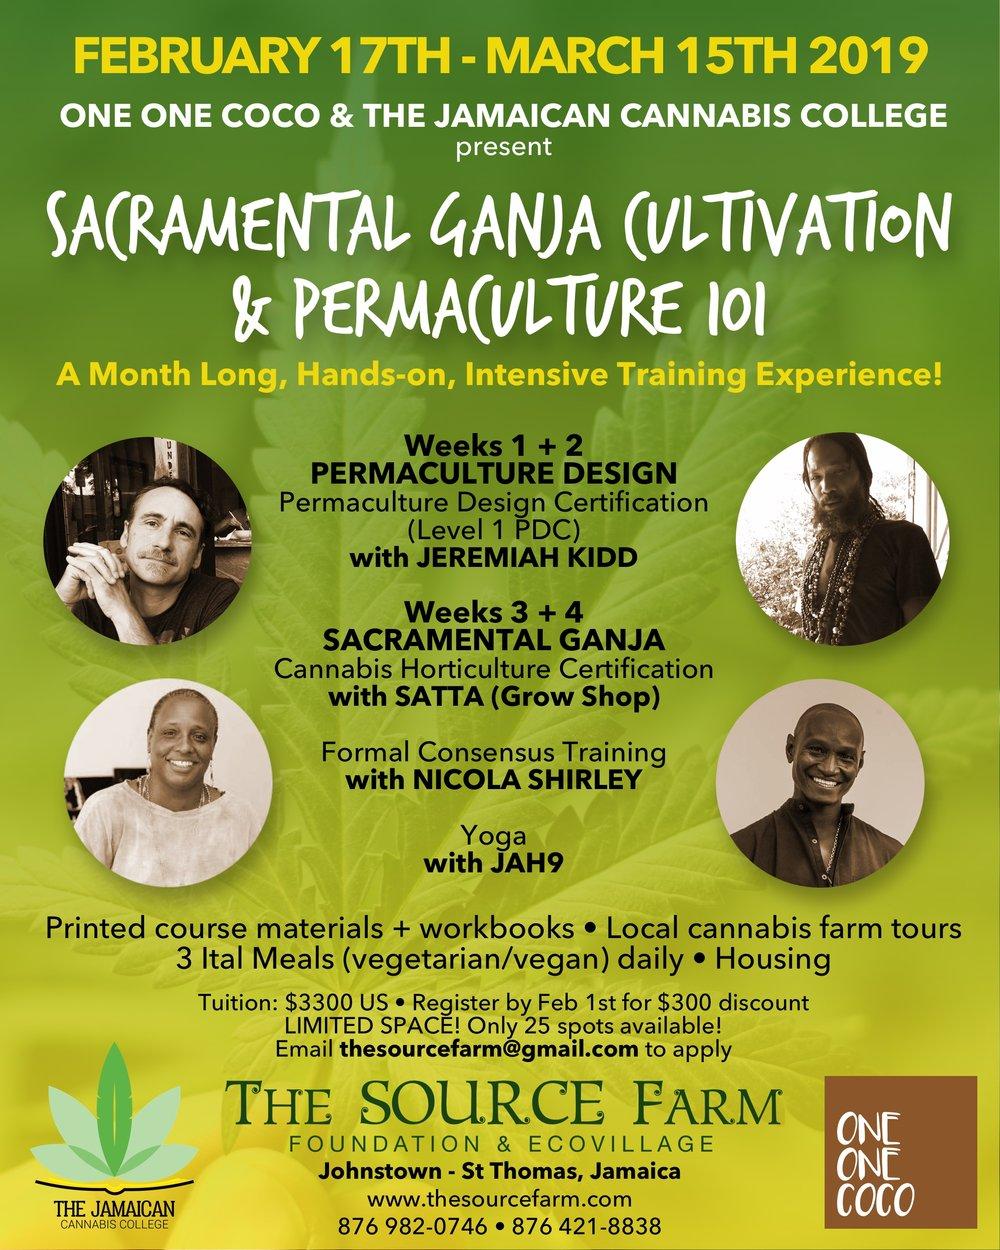 sacramental-ganja-cultivation-permaculture-101-v6.jpg